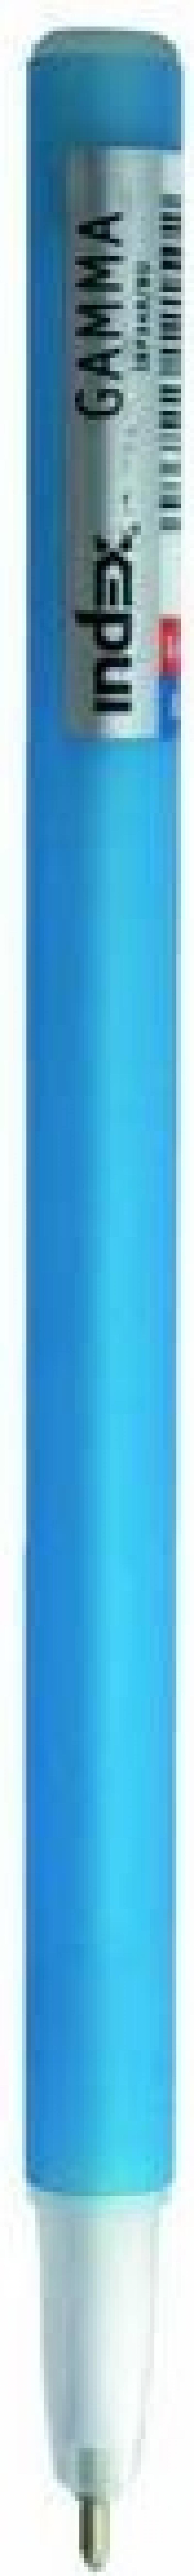 Шариковая ручка Index Gamma синий 1 мм IBP349/BU